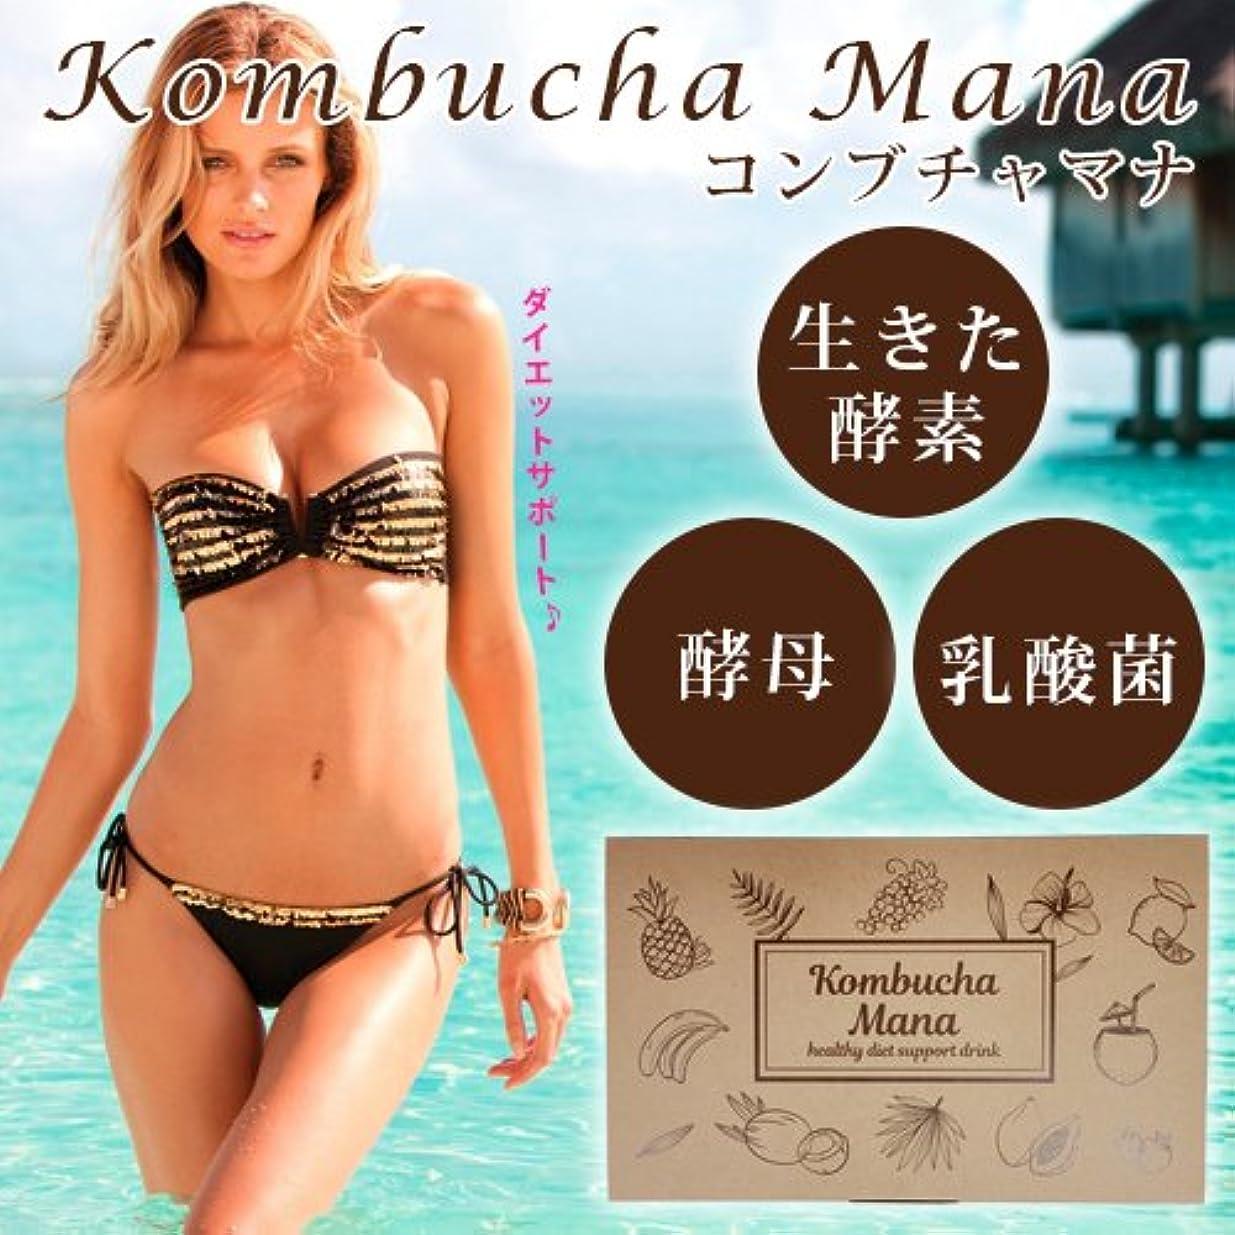 幻滅する地獄プログレッシブコンブチャマナ(Kombucha Mana)ダイエットクレンジングドリンク (1箱)